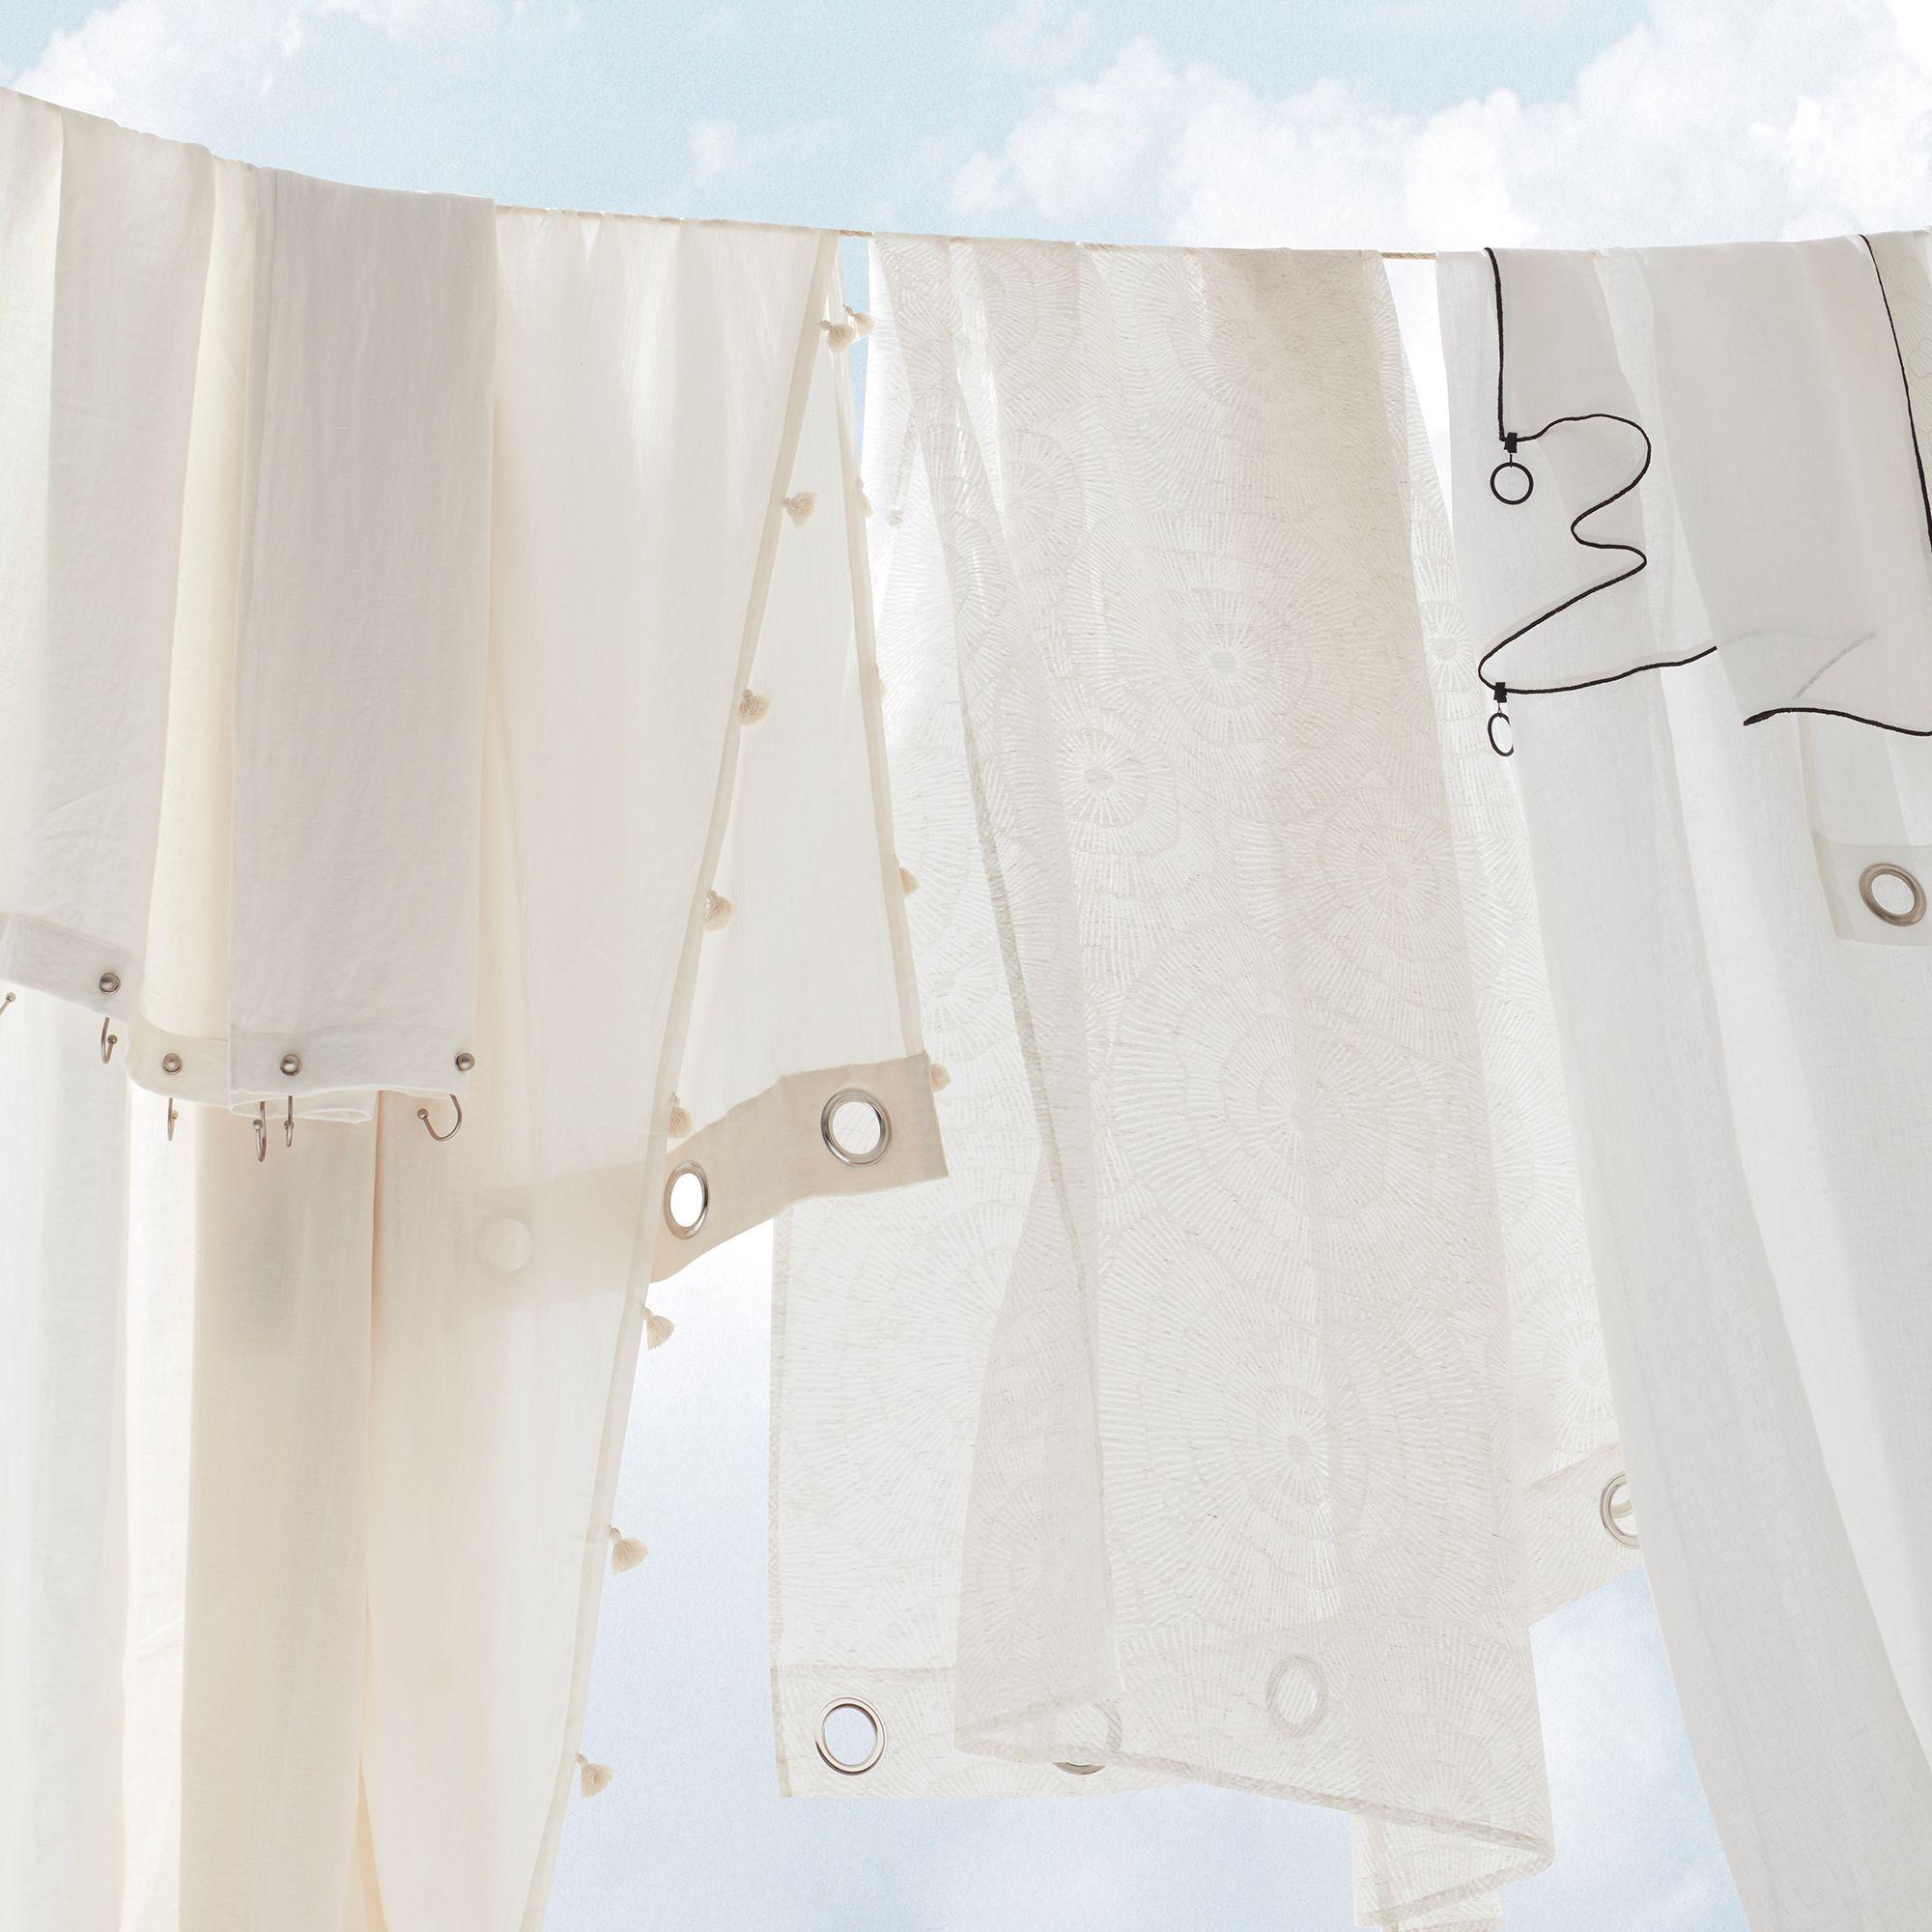 Rideau Gris Perle Ikea cet été, les matières légères et les couleurs toutes douces